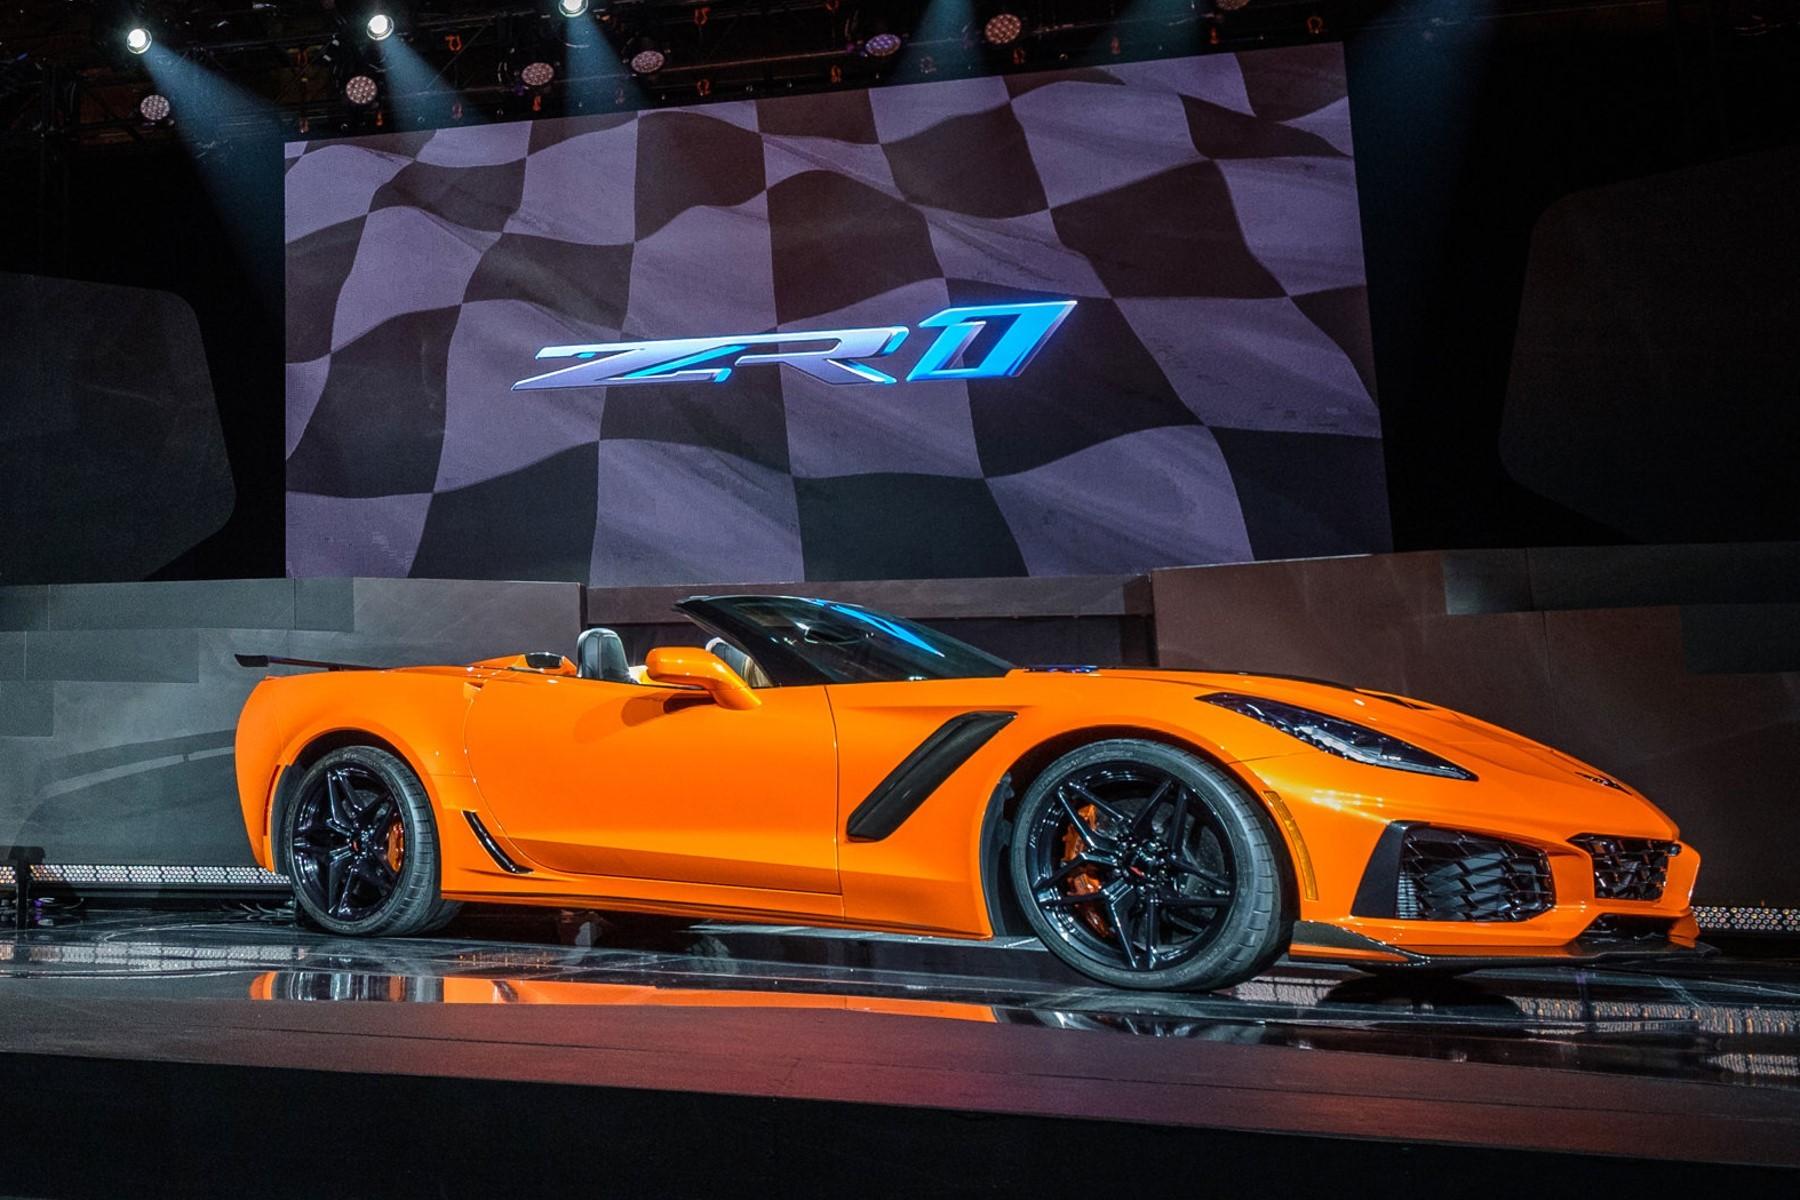 chevrolet corvette zr1 convertible la zr1 cabriolet los angeles photo 1 l 39 argus. Black Bedroom Furniture Sets. Home Design Ideas